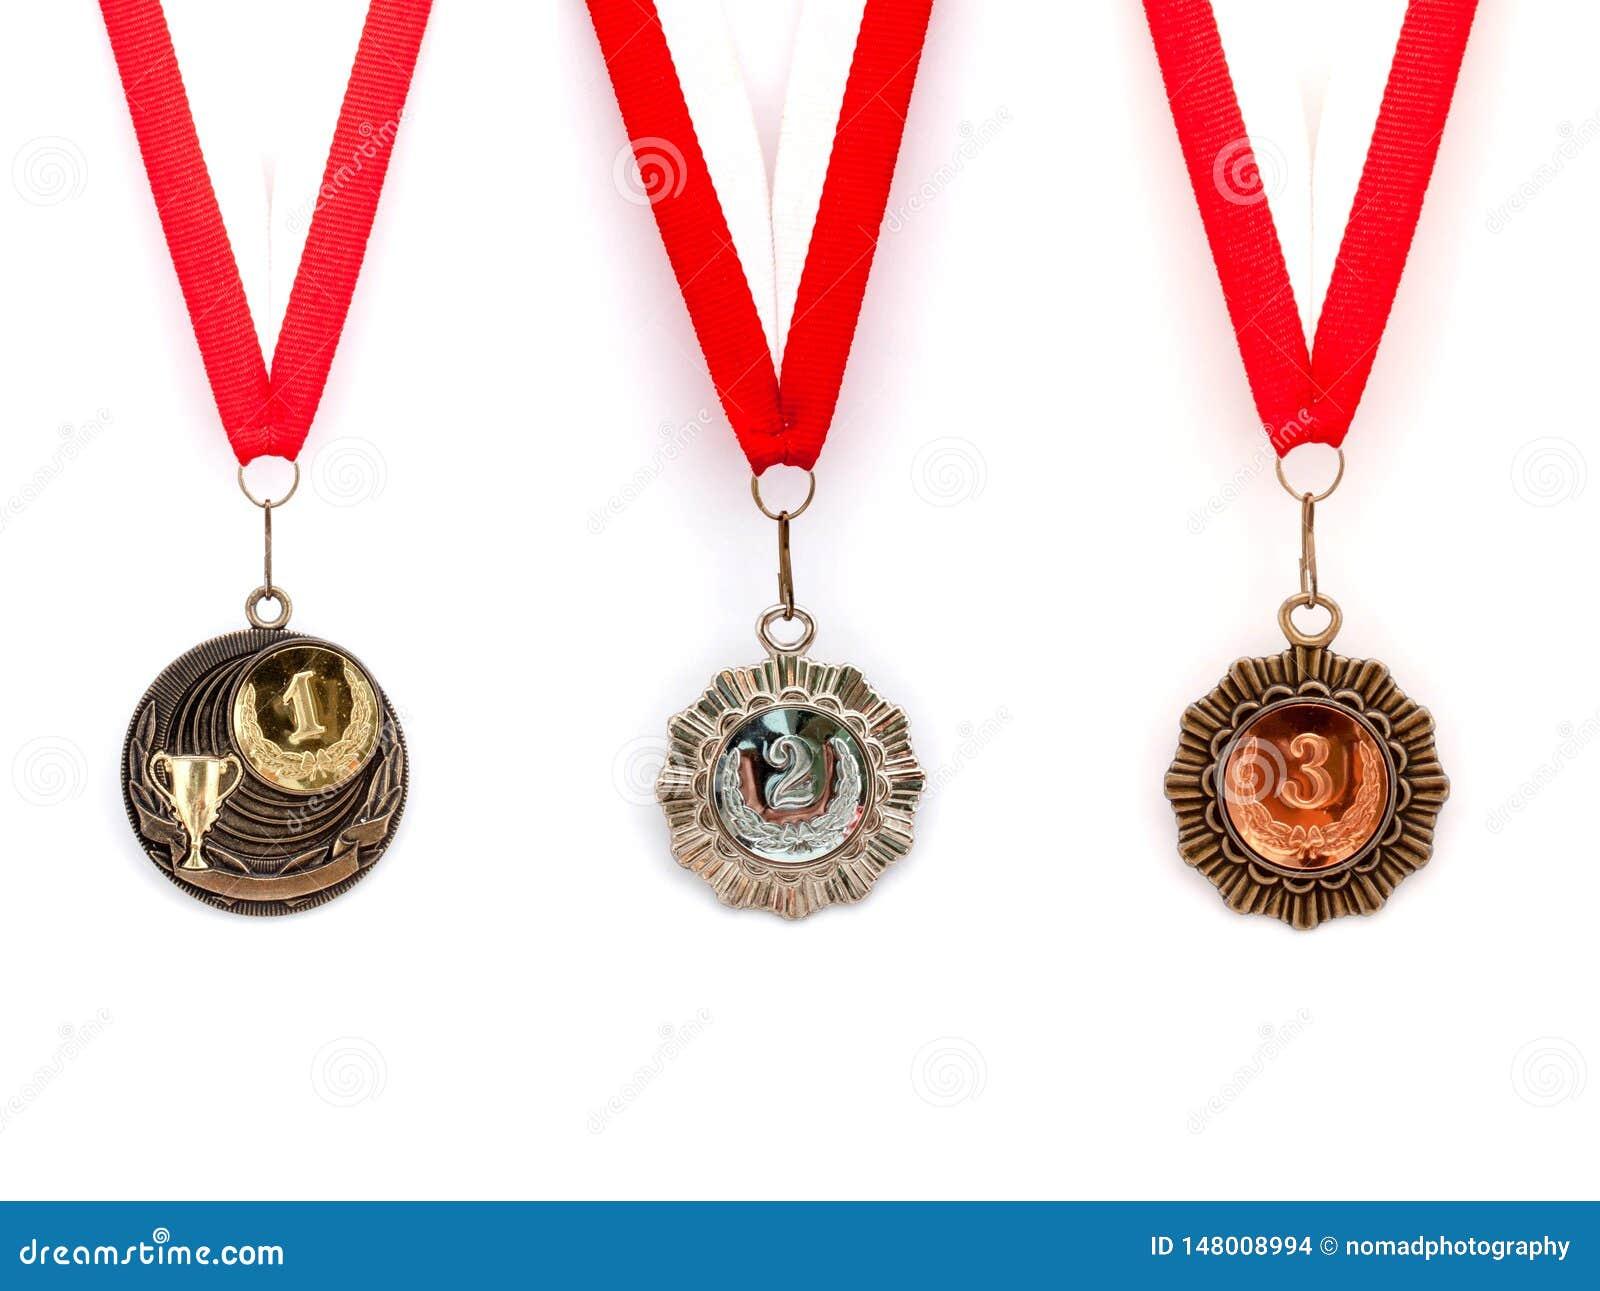 Medal set red white ribbon